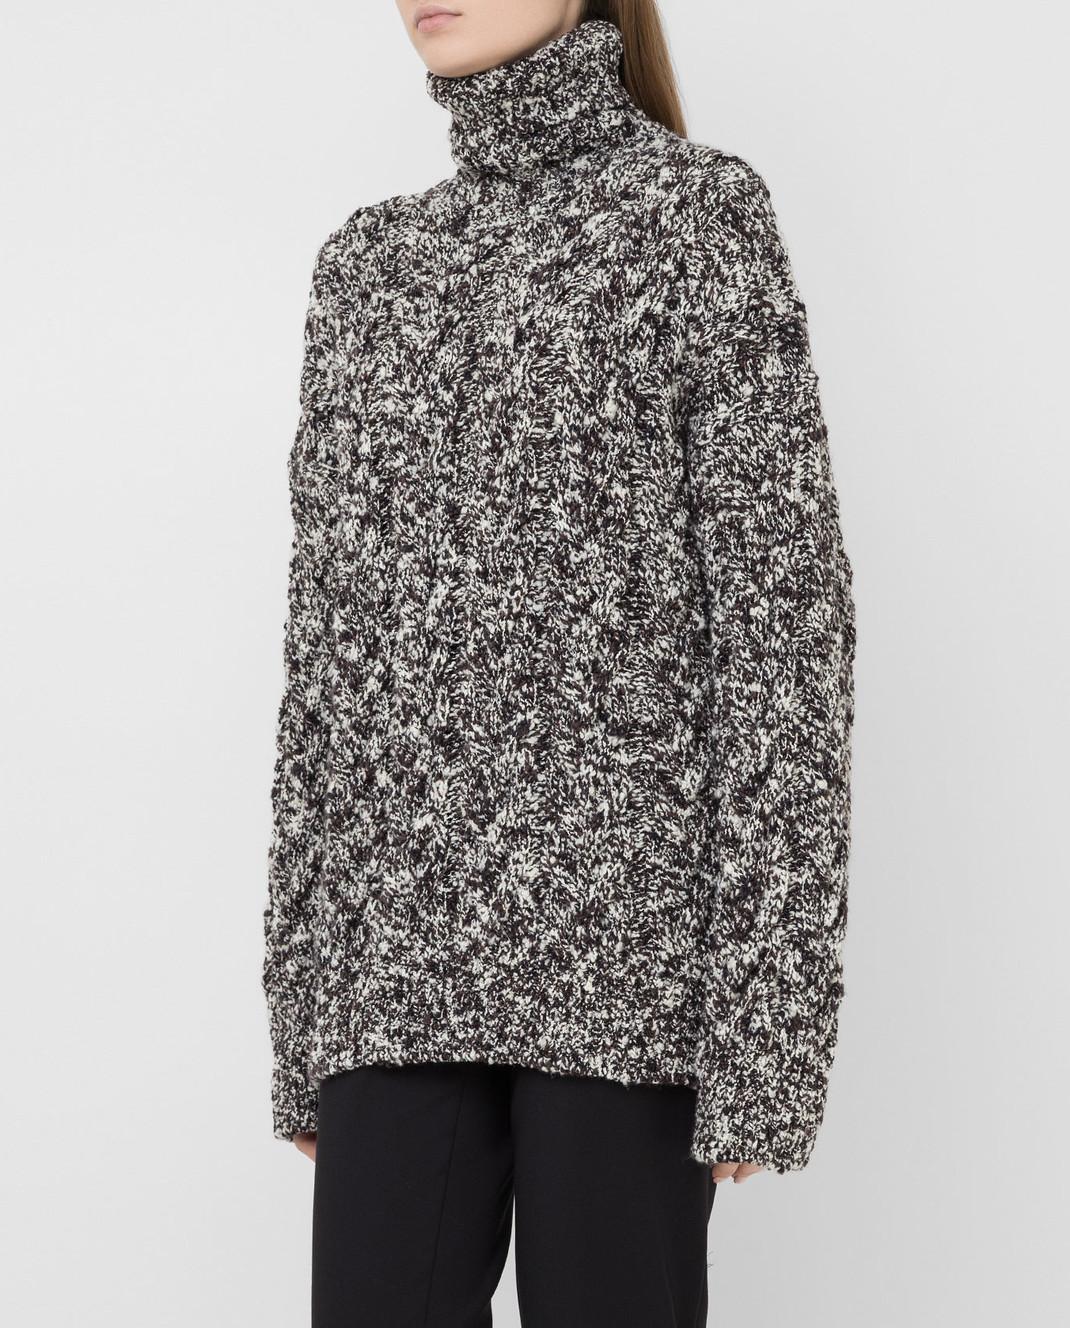 Dolce&Gabbana Свитер из шерсти изображение 3